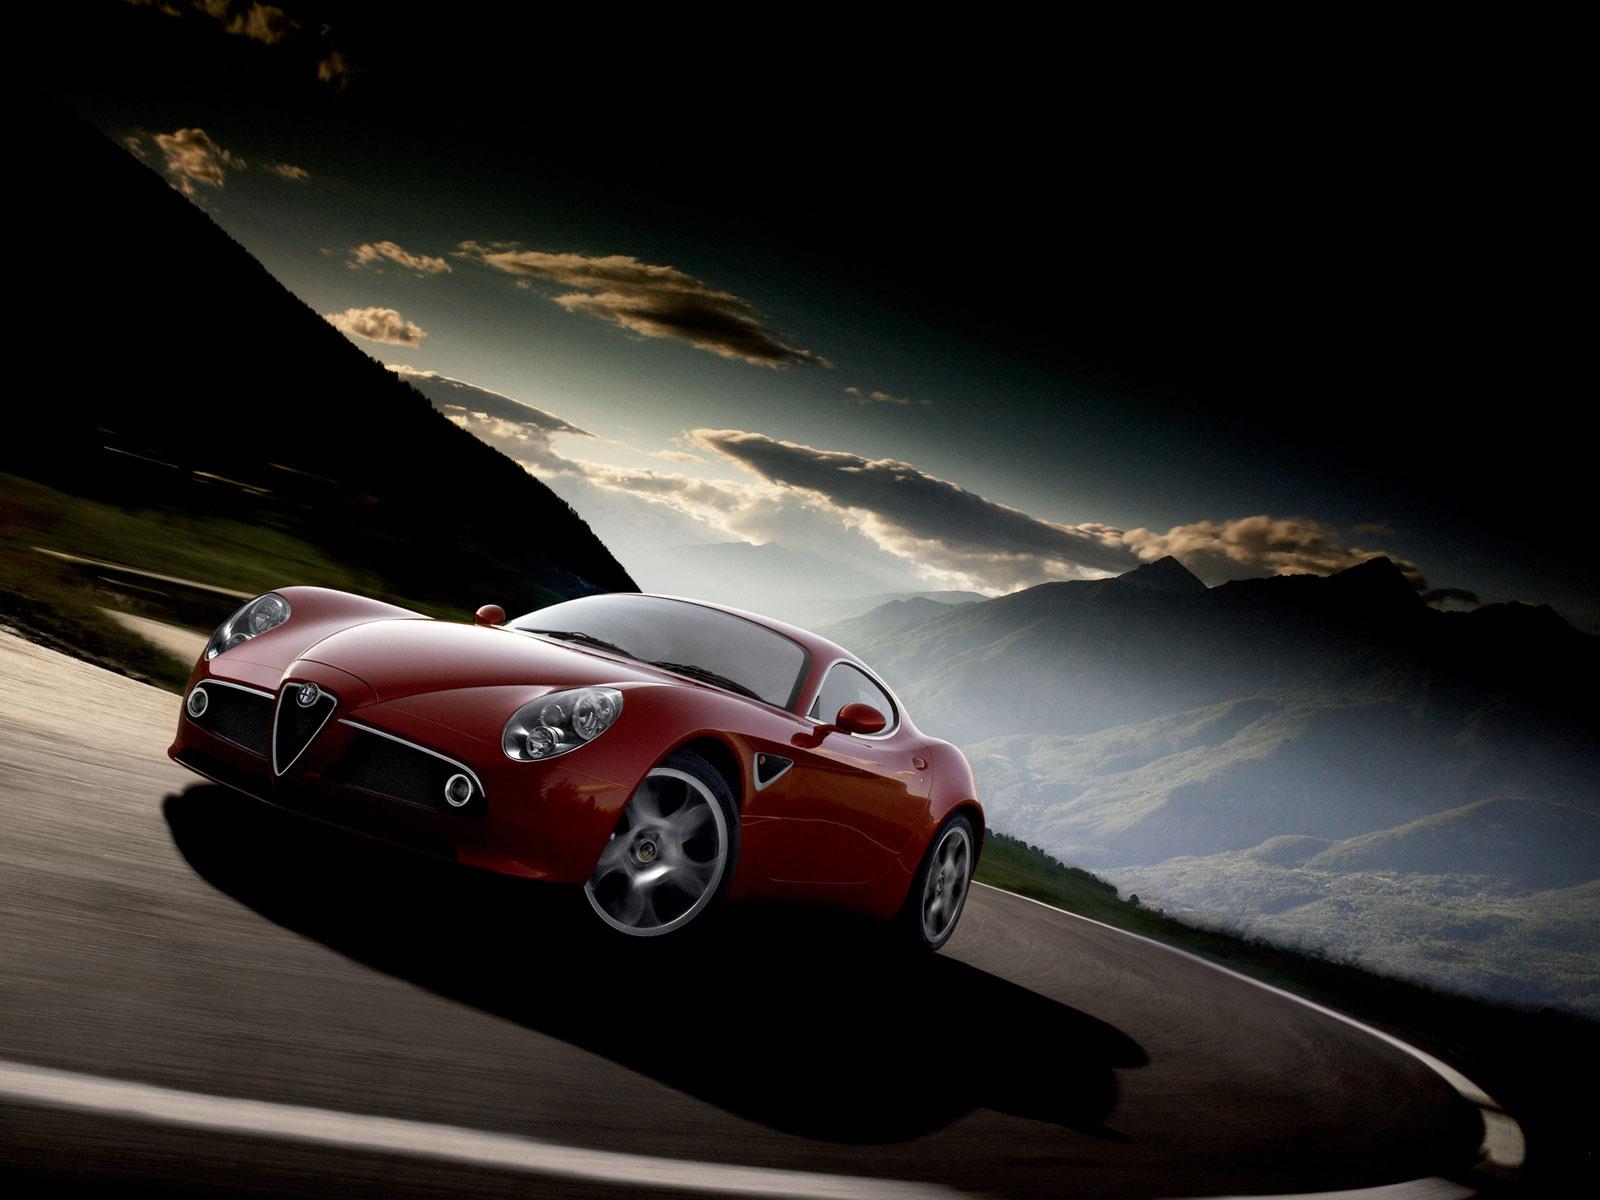 http://2.bp.blogspot.com/-HZb4QR0R3DA/TdViCqDE0-I/AAAAAAAAAlc/Ra-ZeuA-7ag/s1600/wallpaper+hd+voiture.jpg